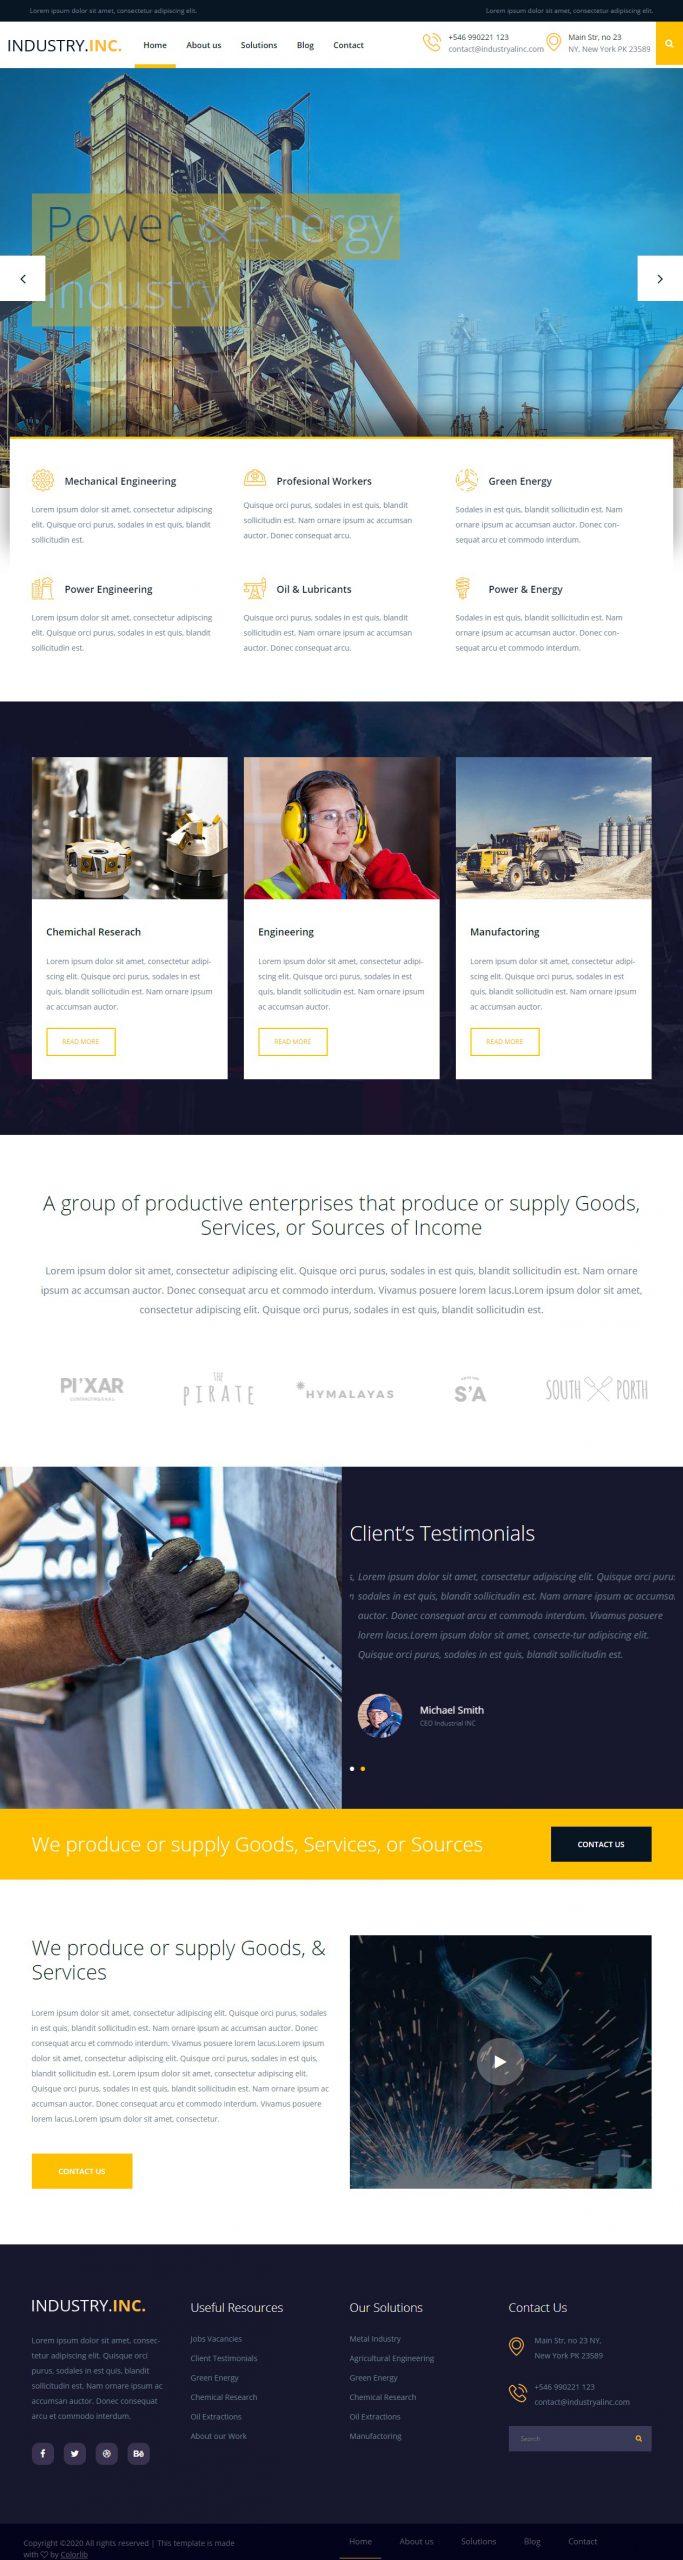 Mẫu website công ty Industry.Inc